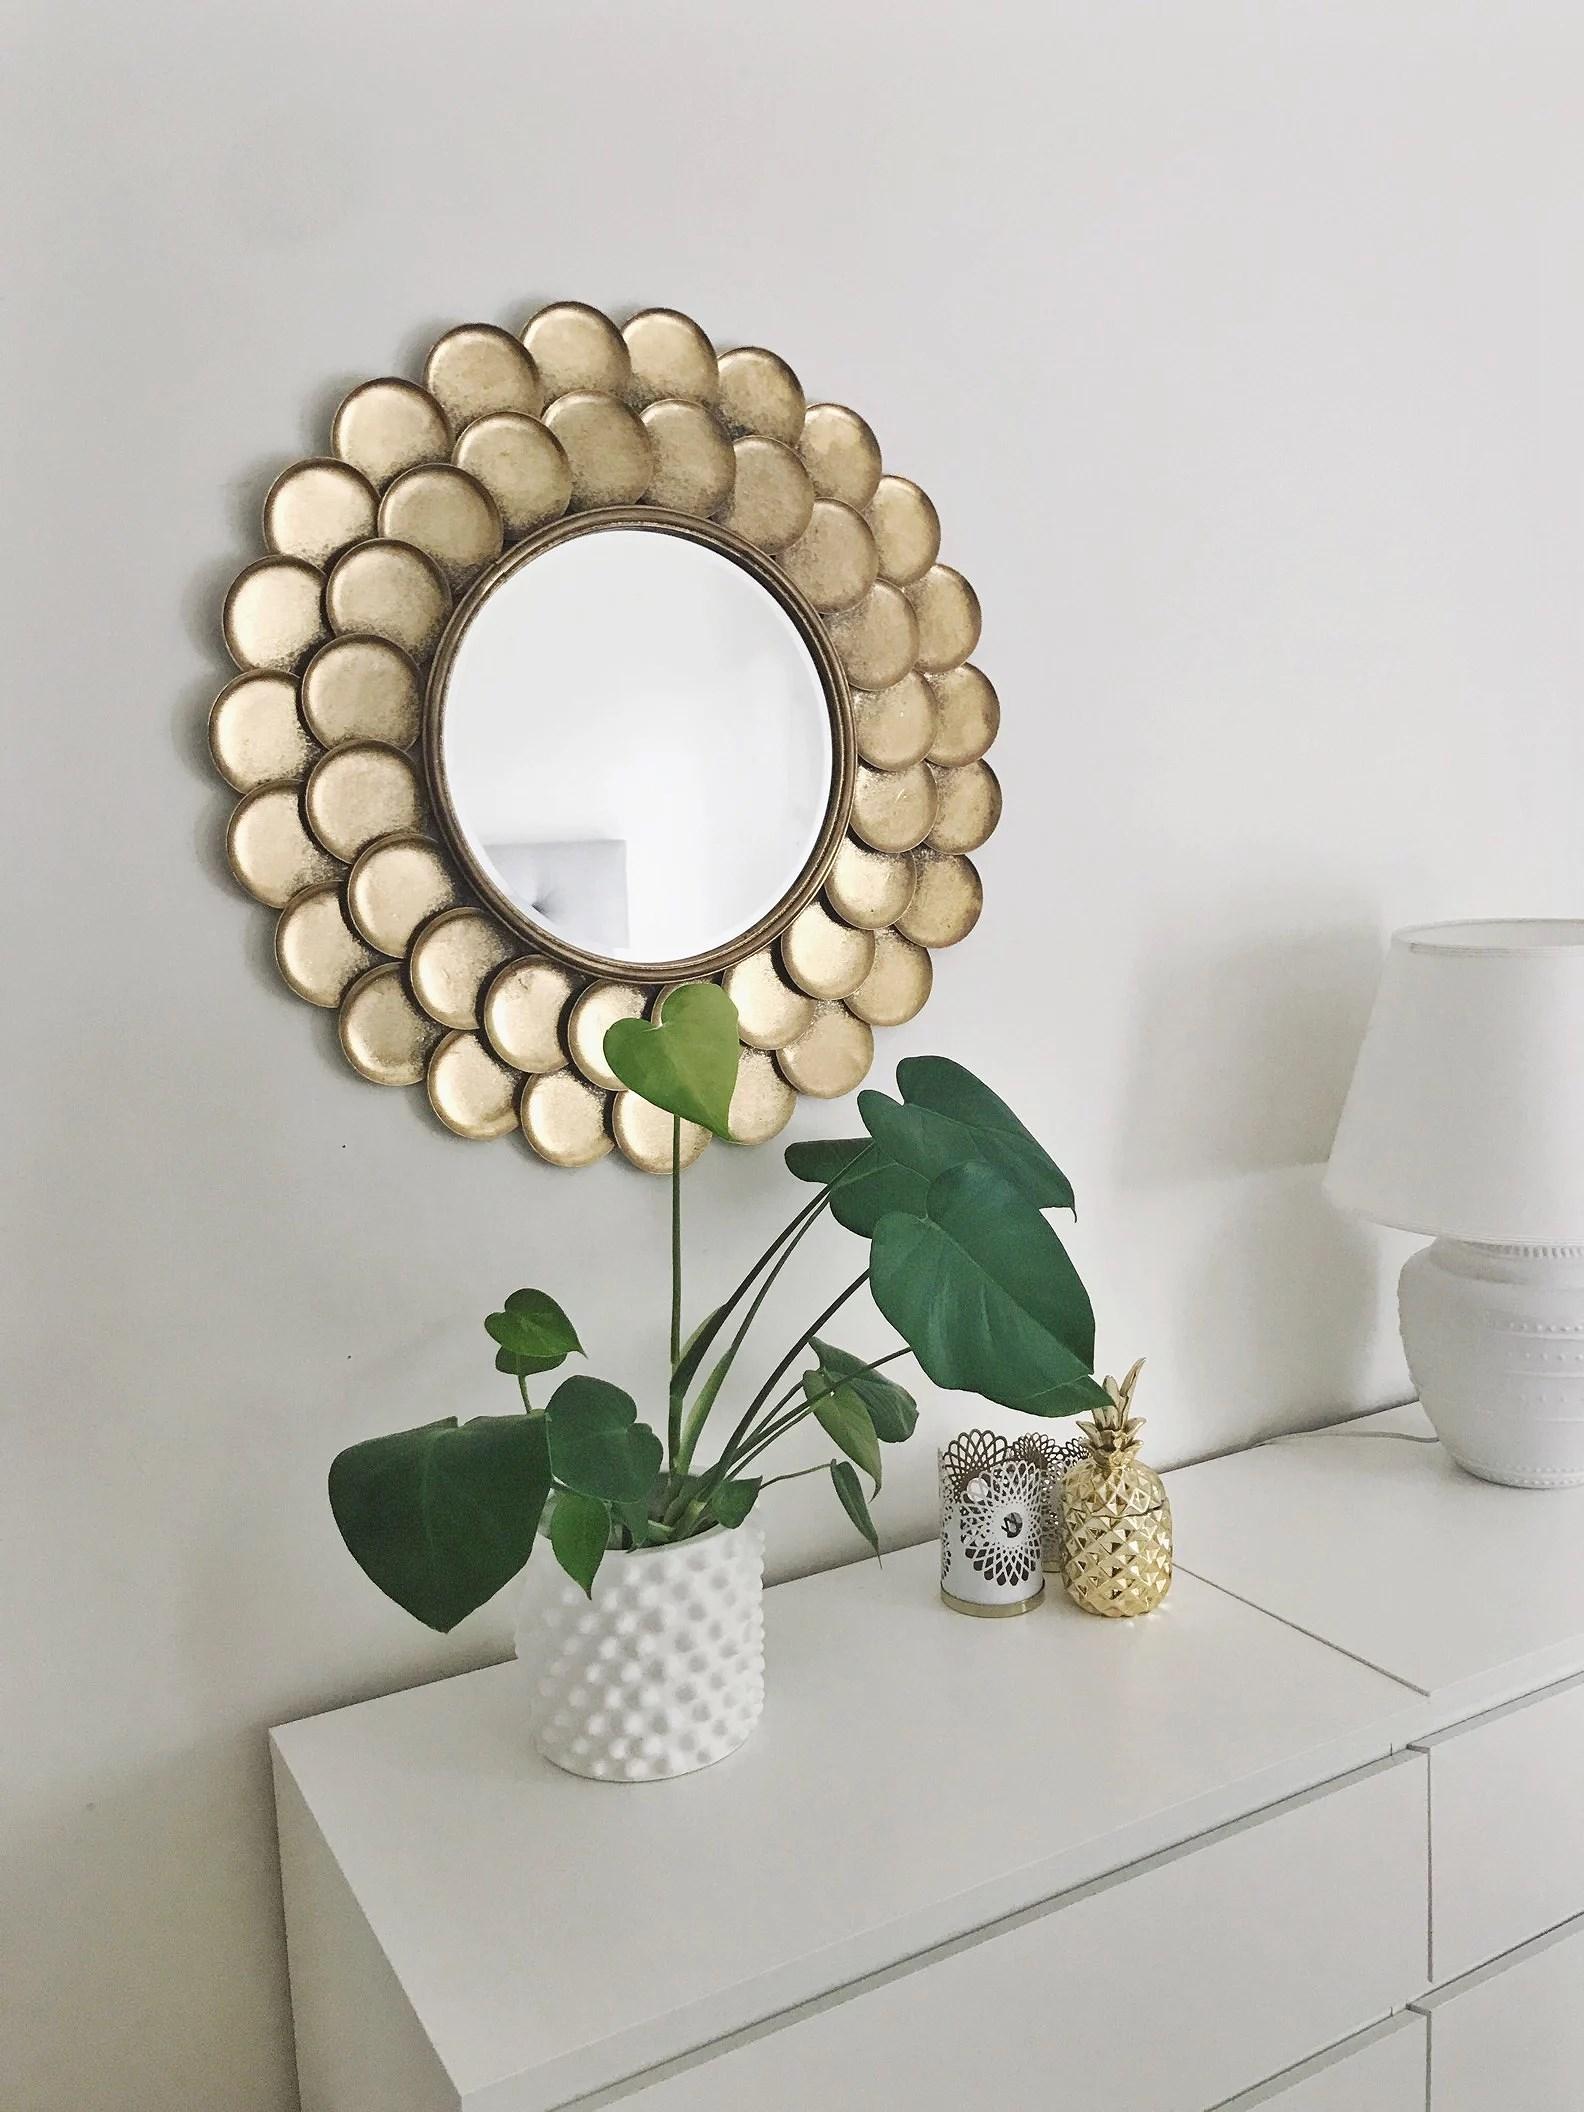 En guldkant runt spegeln